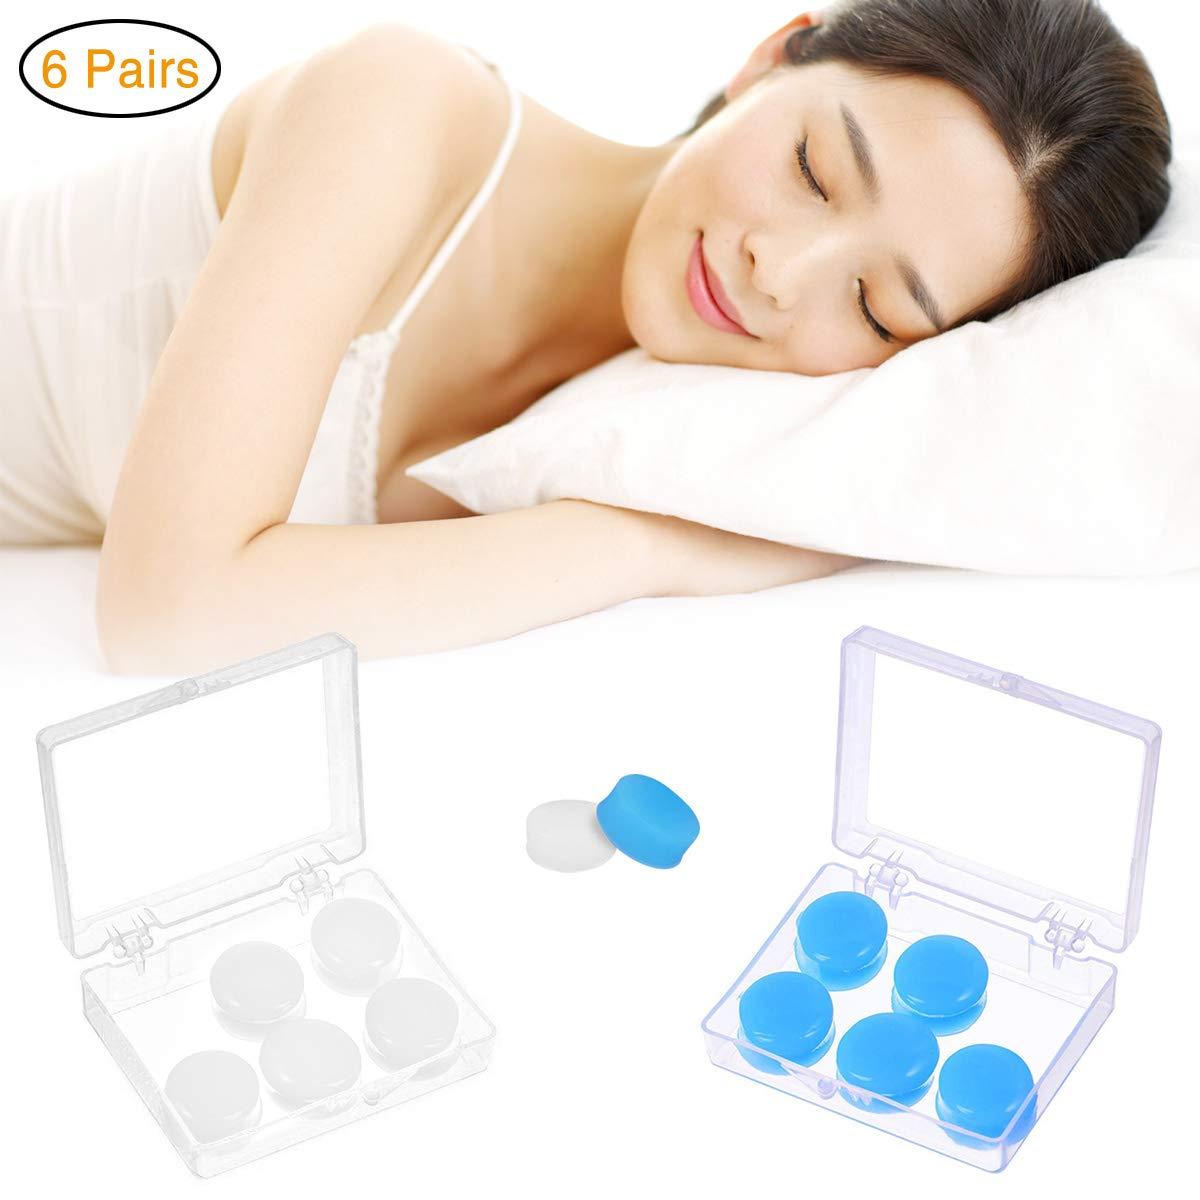 Queta Tapones de Silicona para los O/ídos a prueba de Agua//Ruidos 6 Pares Tapones para los O/ídos con Formas Ajustables para Dormir Nadar Viajar Blanco + Azul